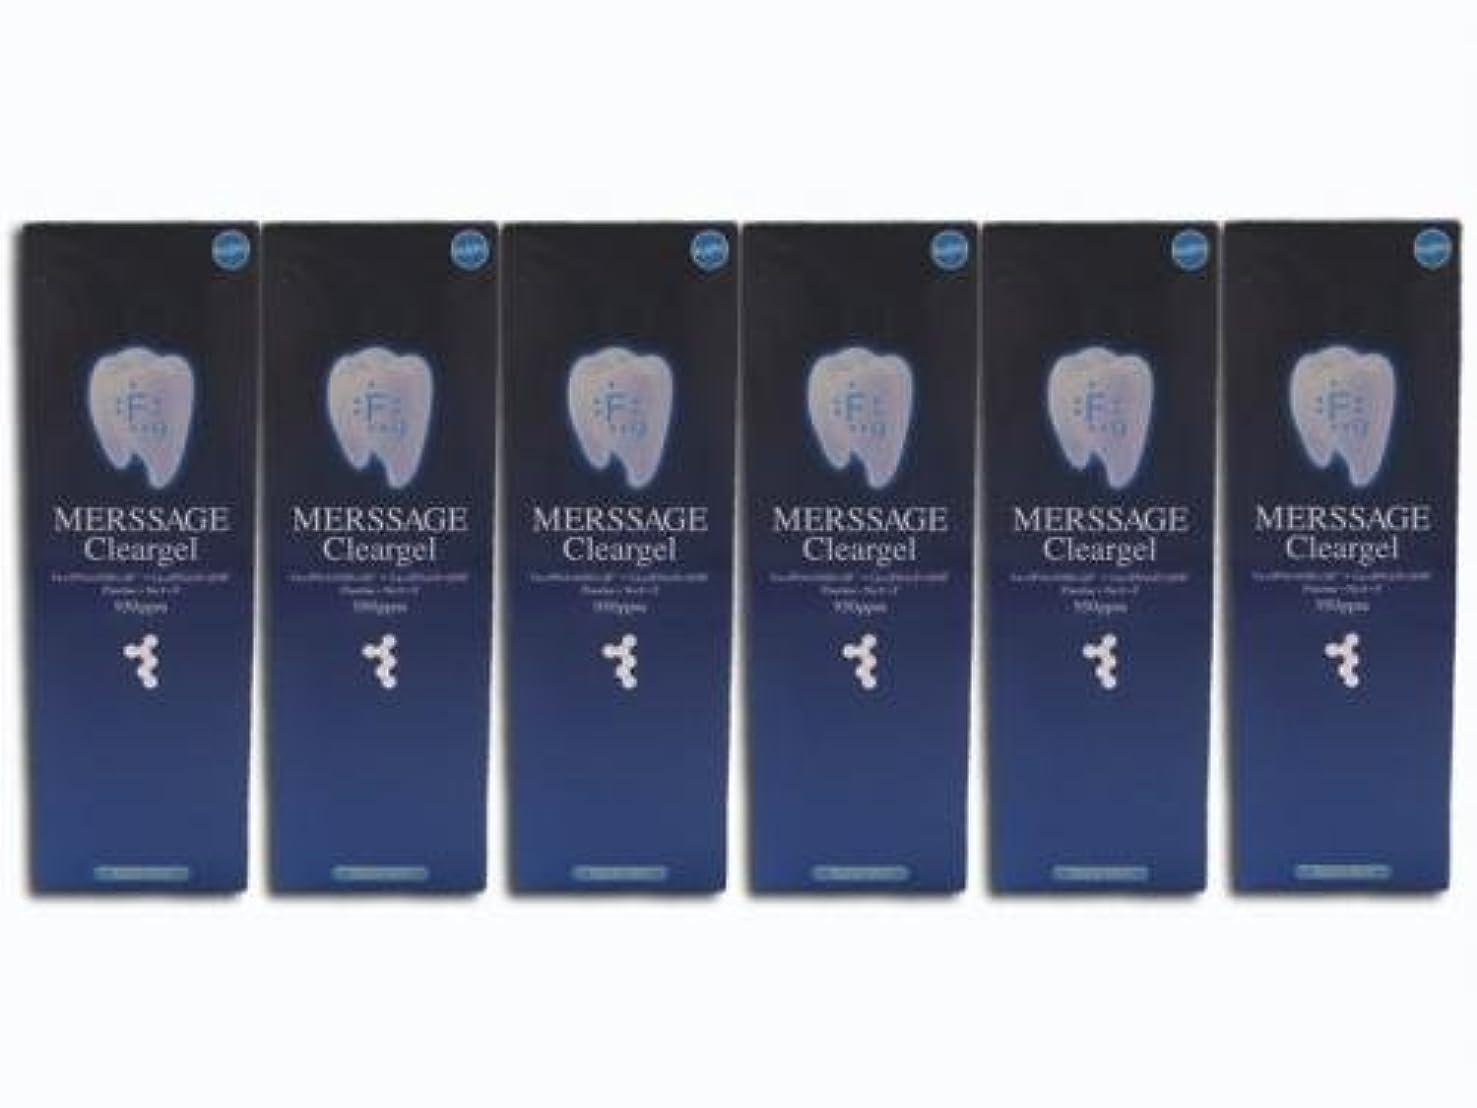 人柄国民ケイ素就寝前のスペシャルケア メルサージュ クリアジェル(MERSSAGE Cleargel) 60g 6箱セット